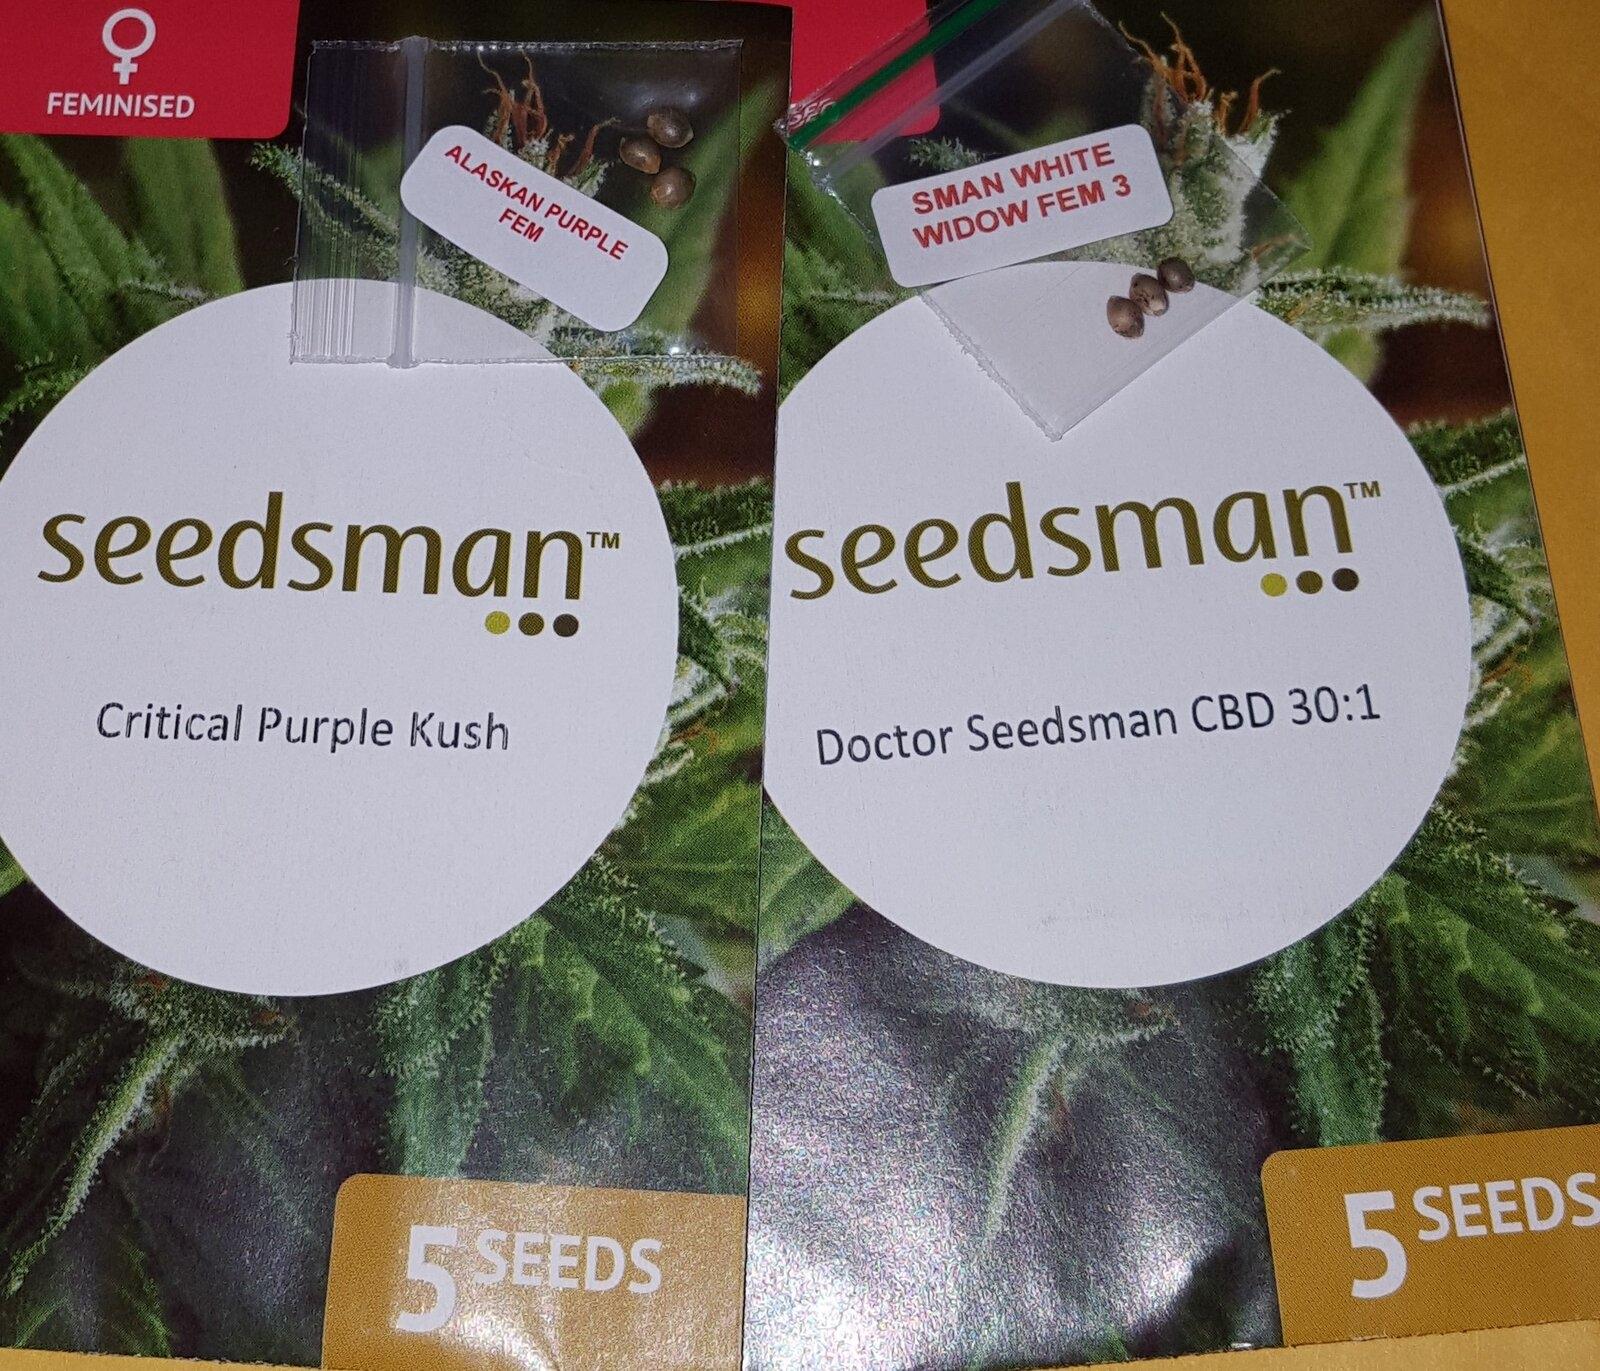 Seedsman pkg.jpg